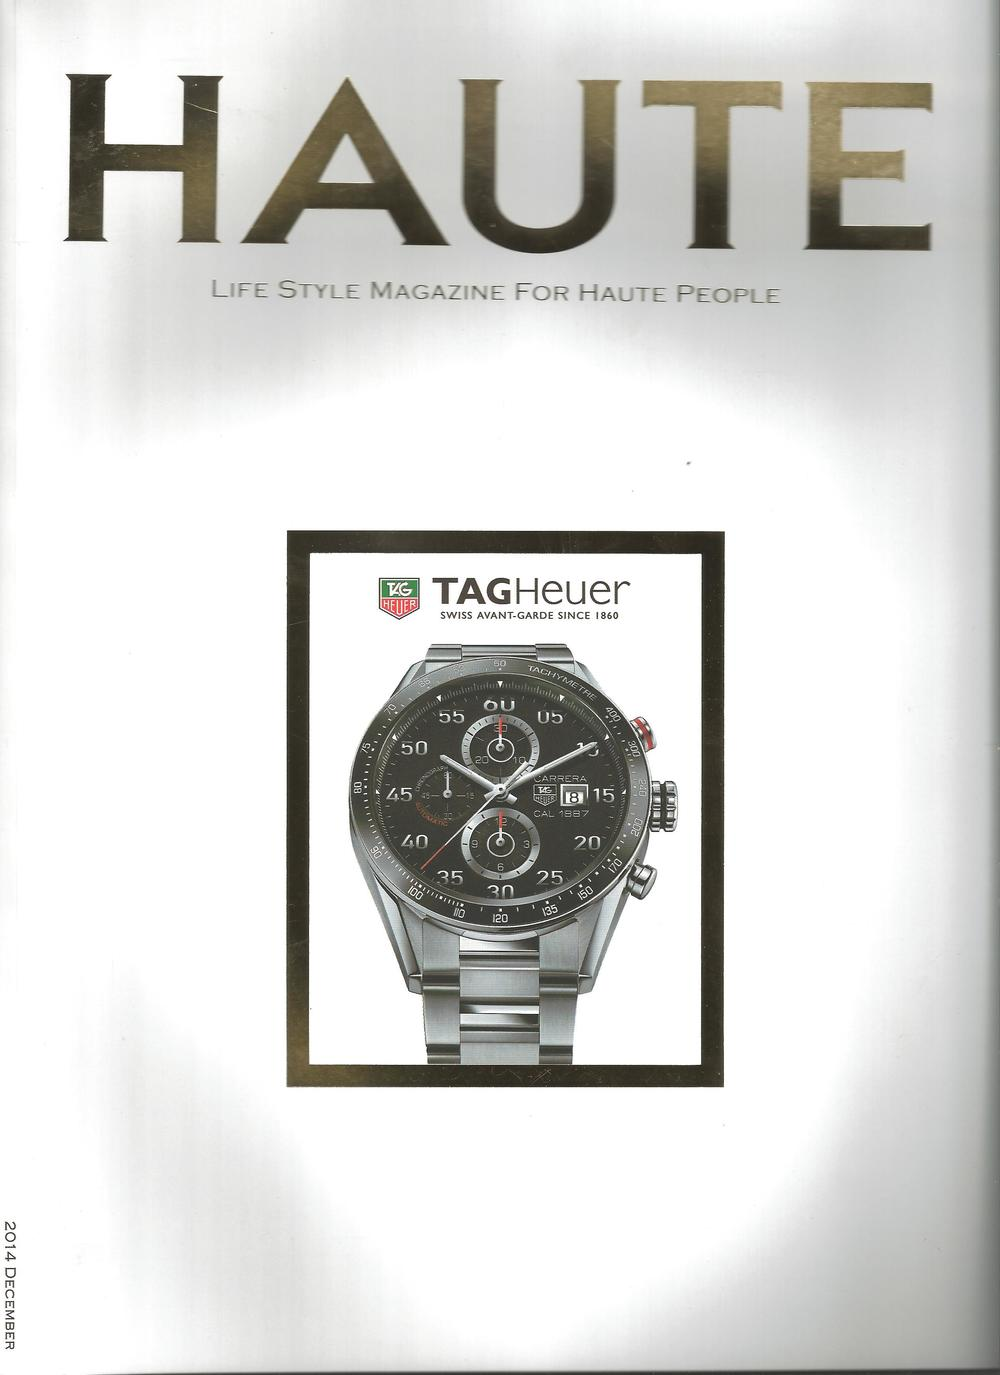 2014-12 Haute cover.jpg